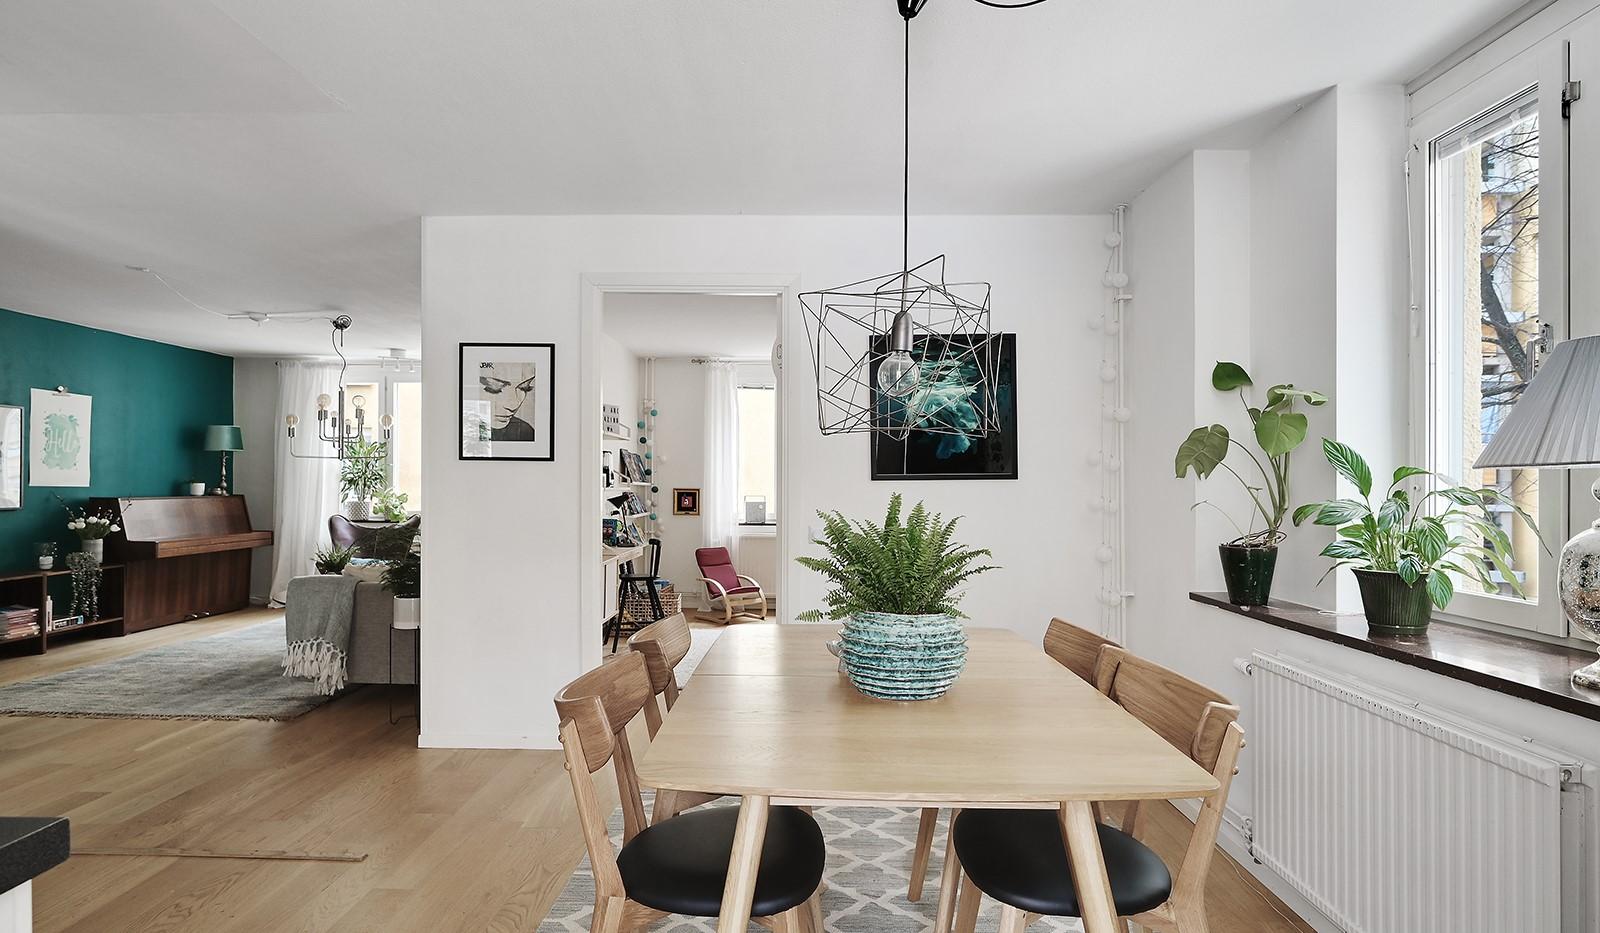 Ringvägen 41B, 2 tr - Trivsamt samspel mellan kök och vardagsrum